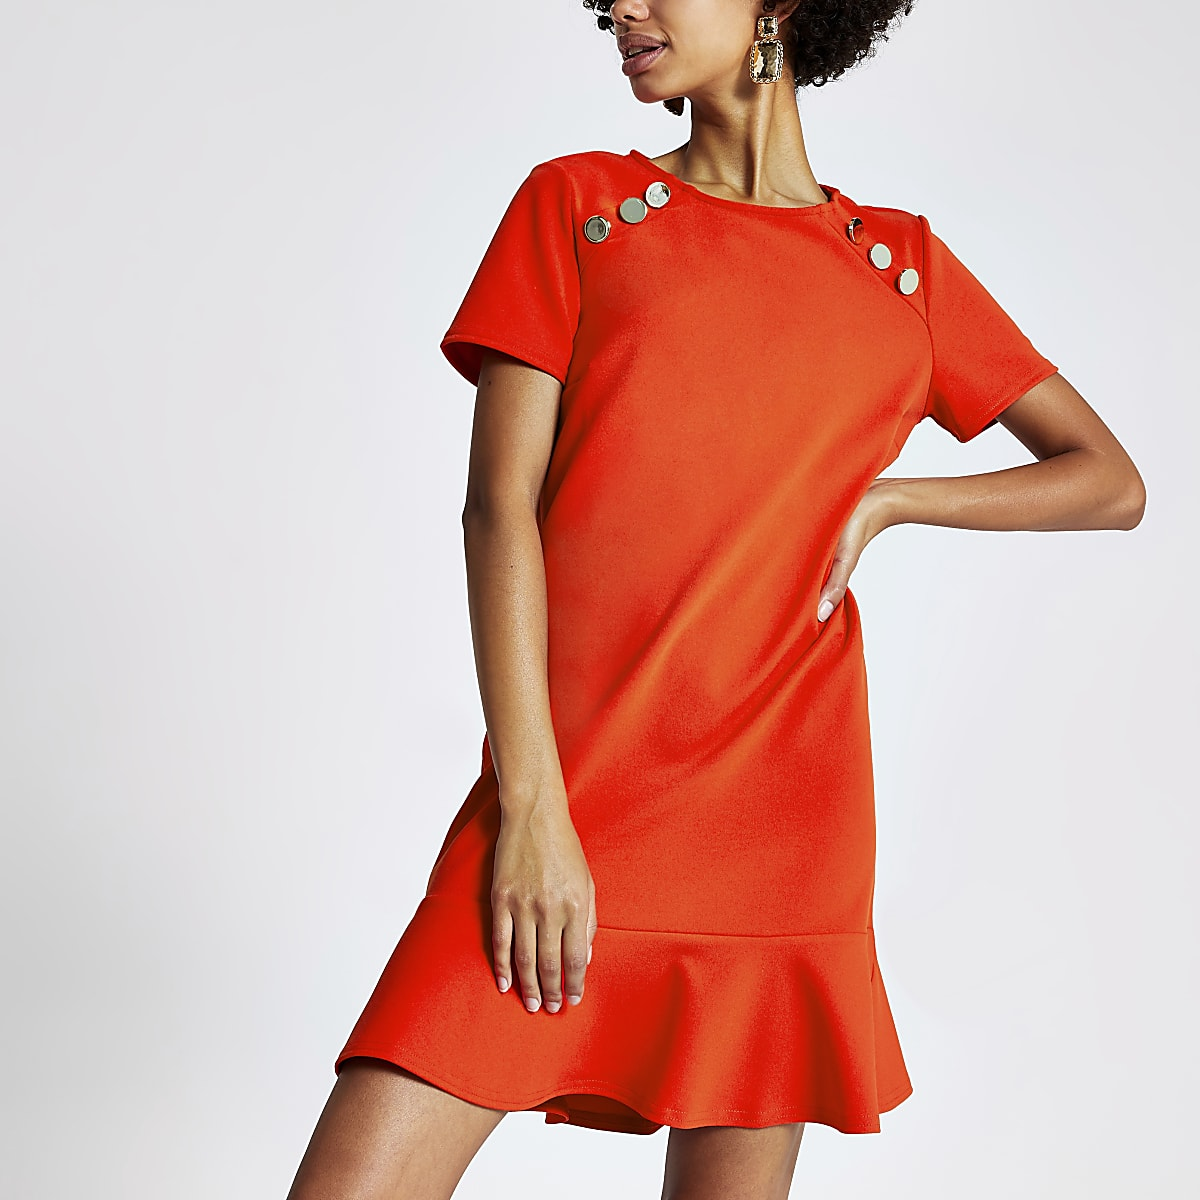 Felrode jurk met peplum en korte mouwen